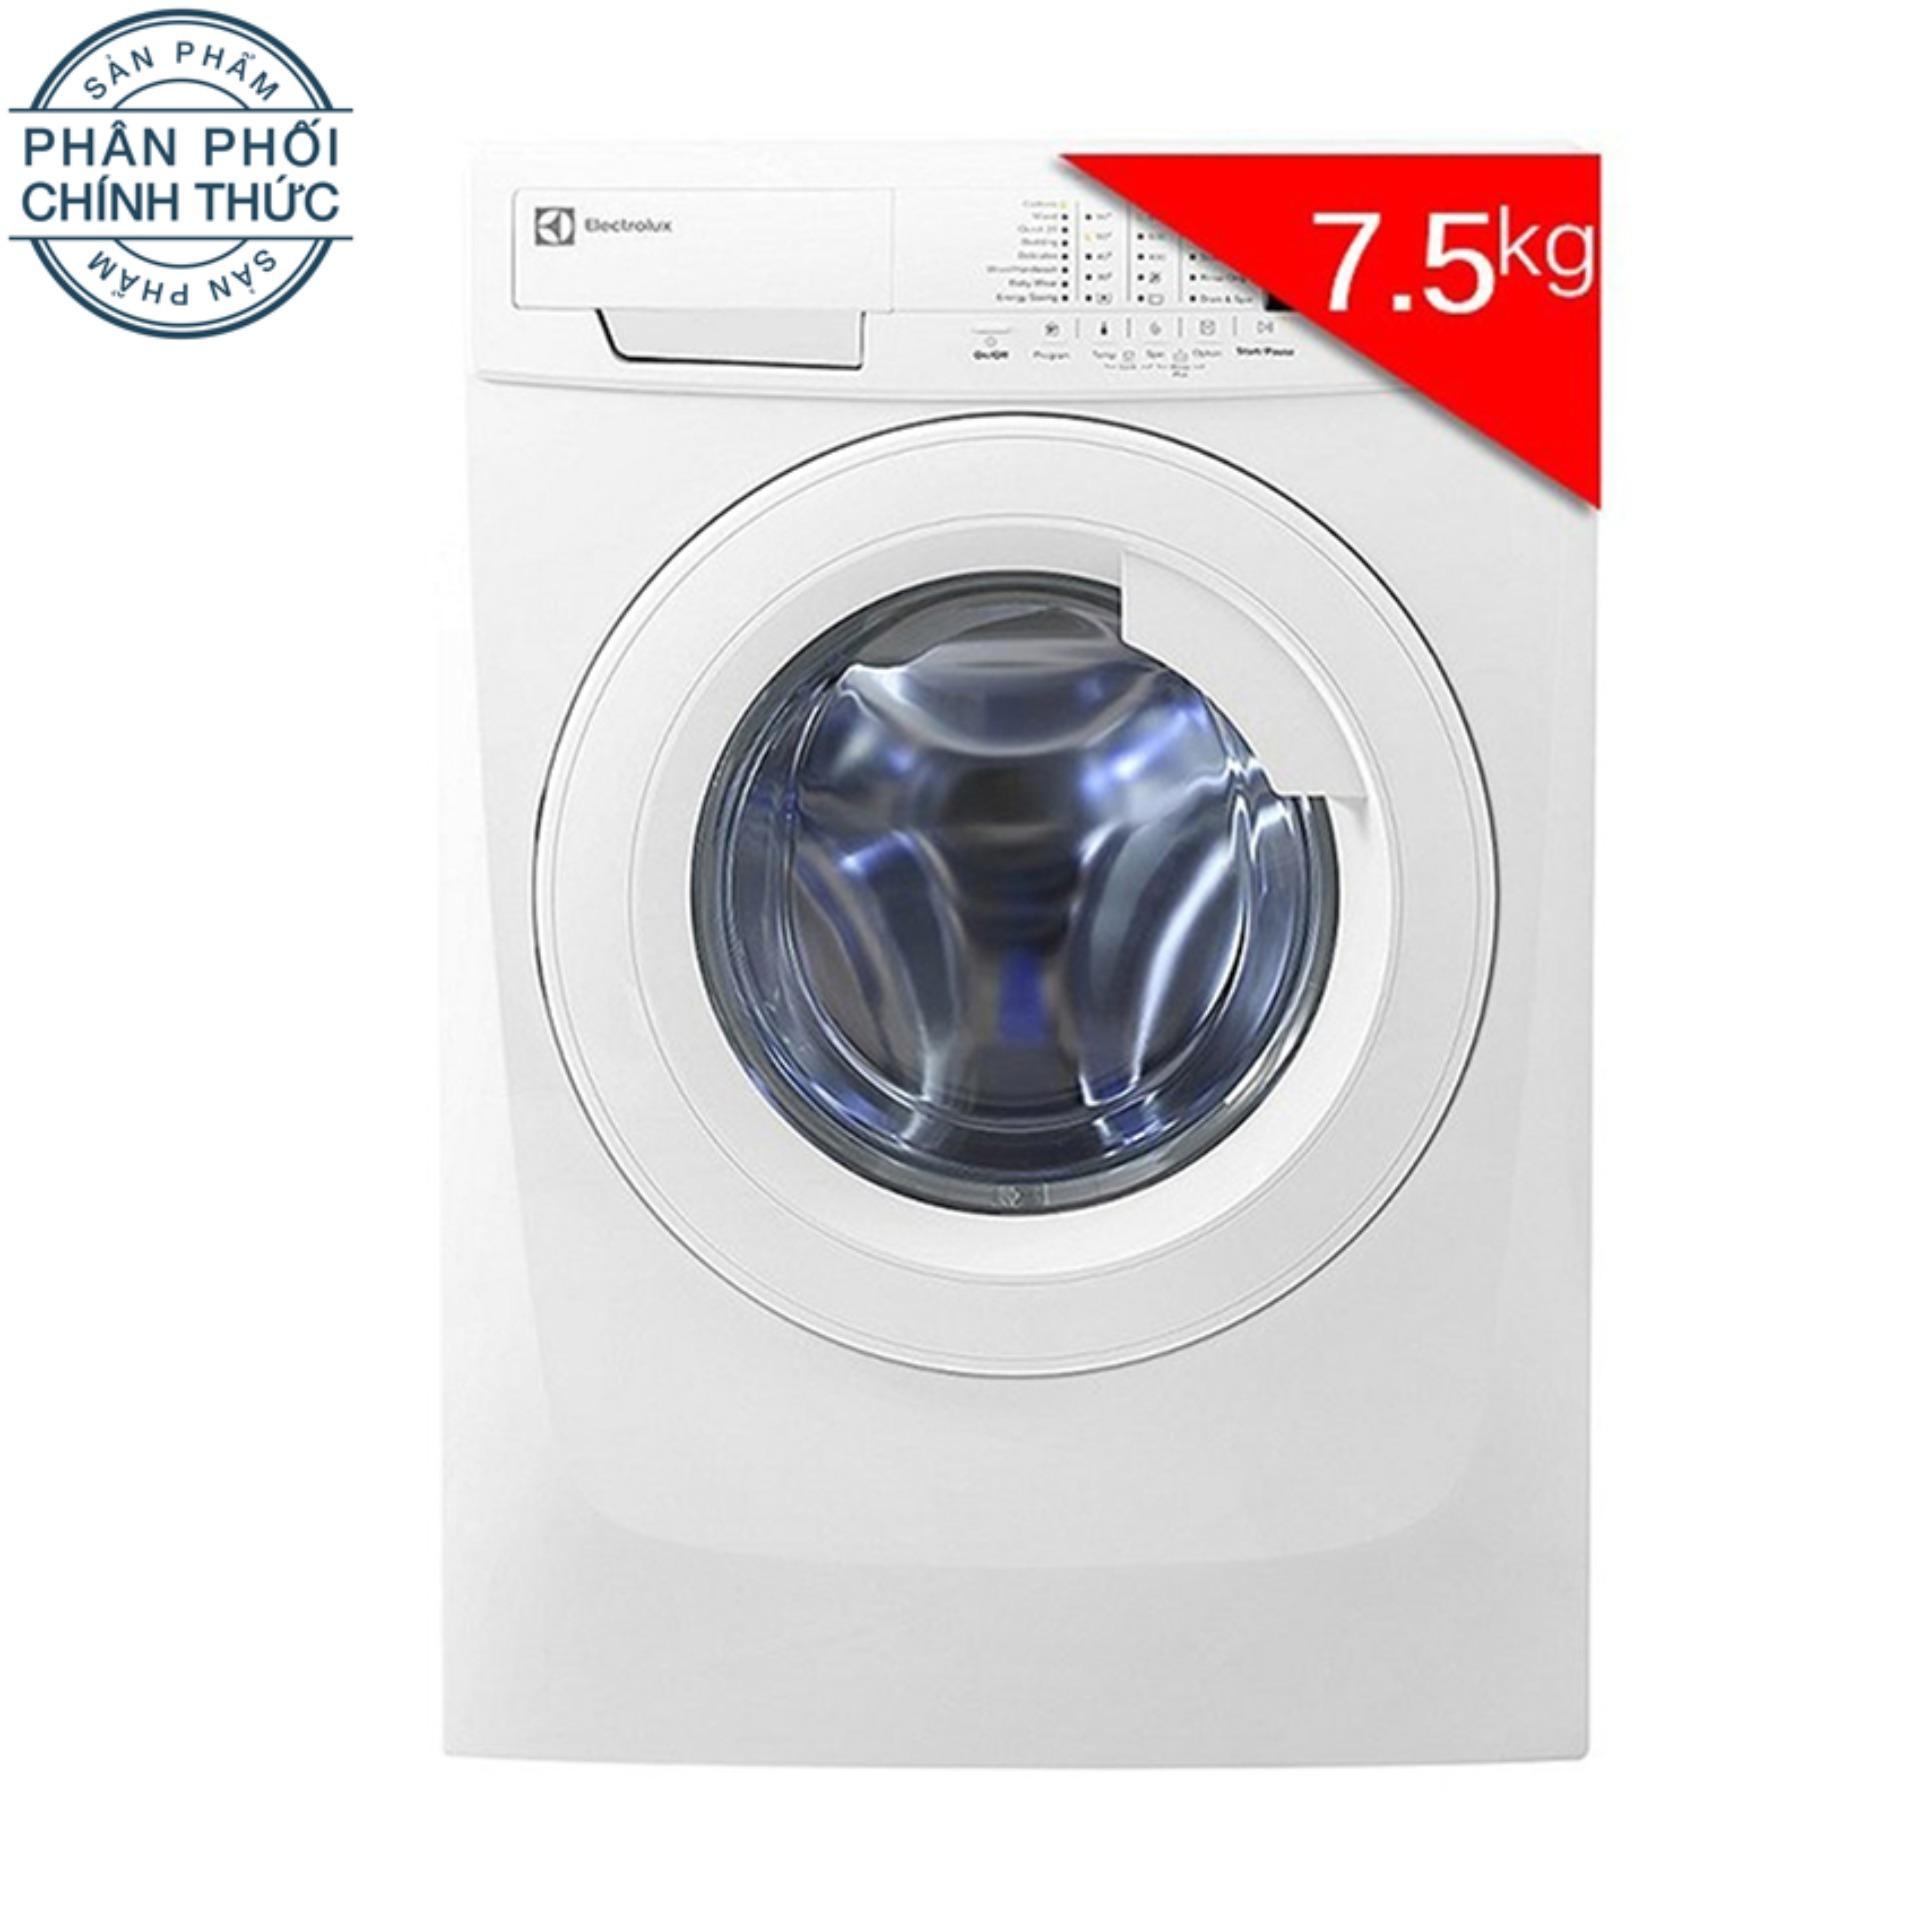 Hình ảnh Máy giặt cửa trước Electrolux EWF85743 7.5Kg (Trắng)